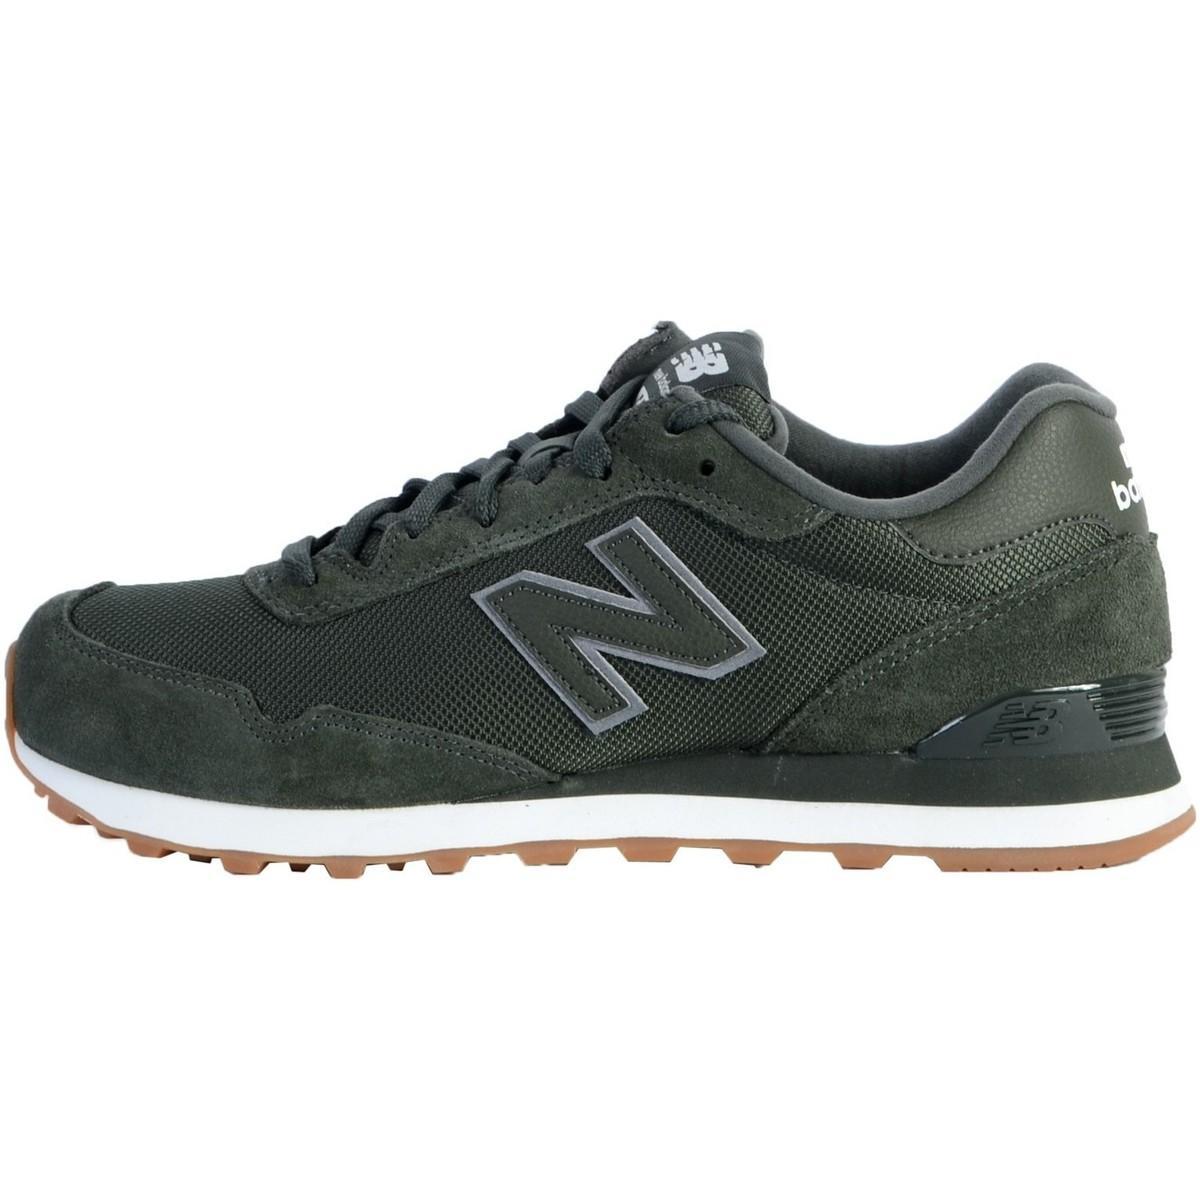 Basket ML515 Chaussures New Balance pour homme en coloris Vert - Lyst